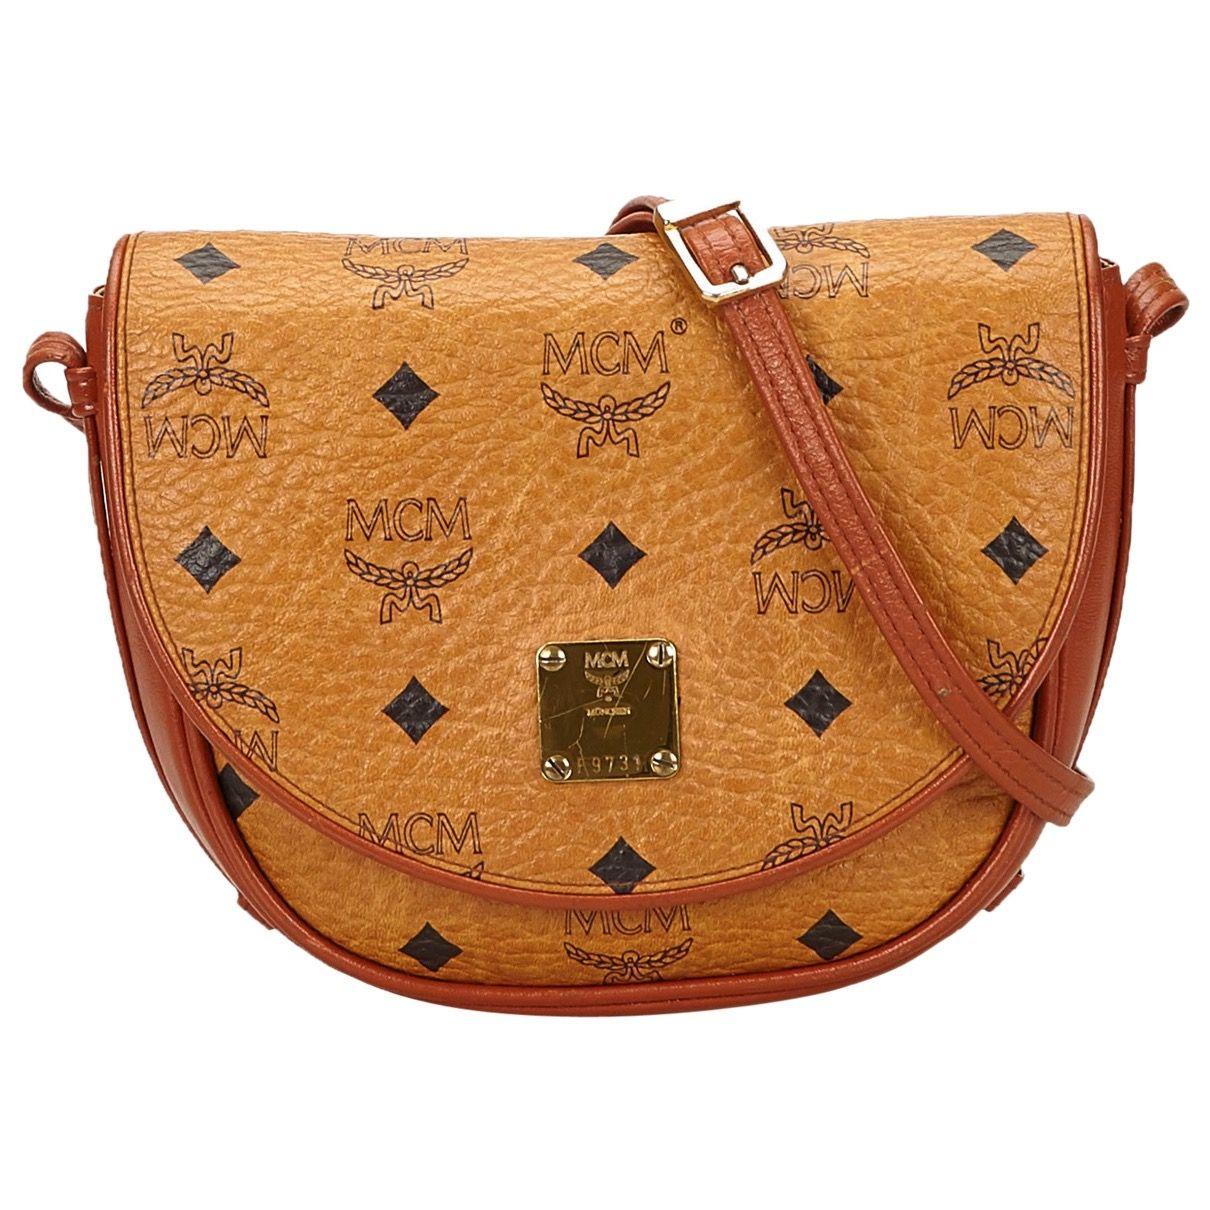 FOUND ON | Taschen, Braune tasche, Mcm tasche